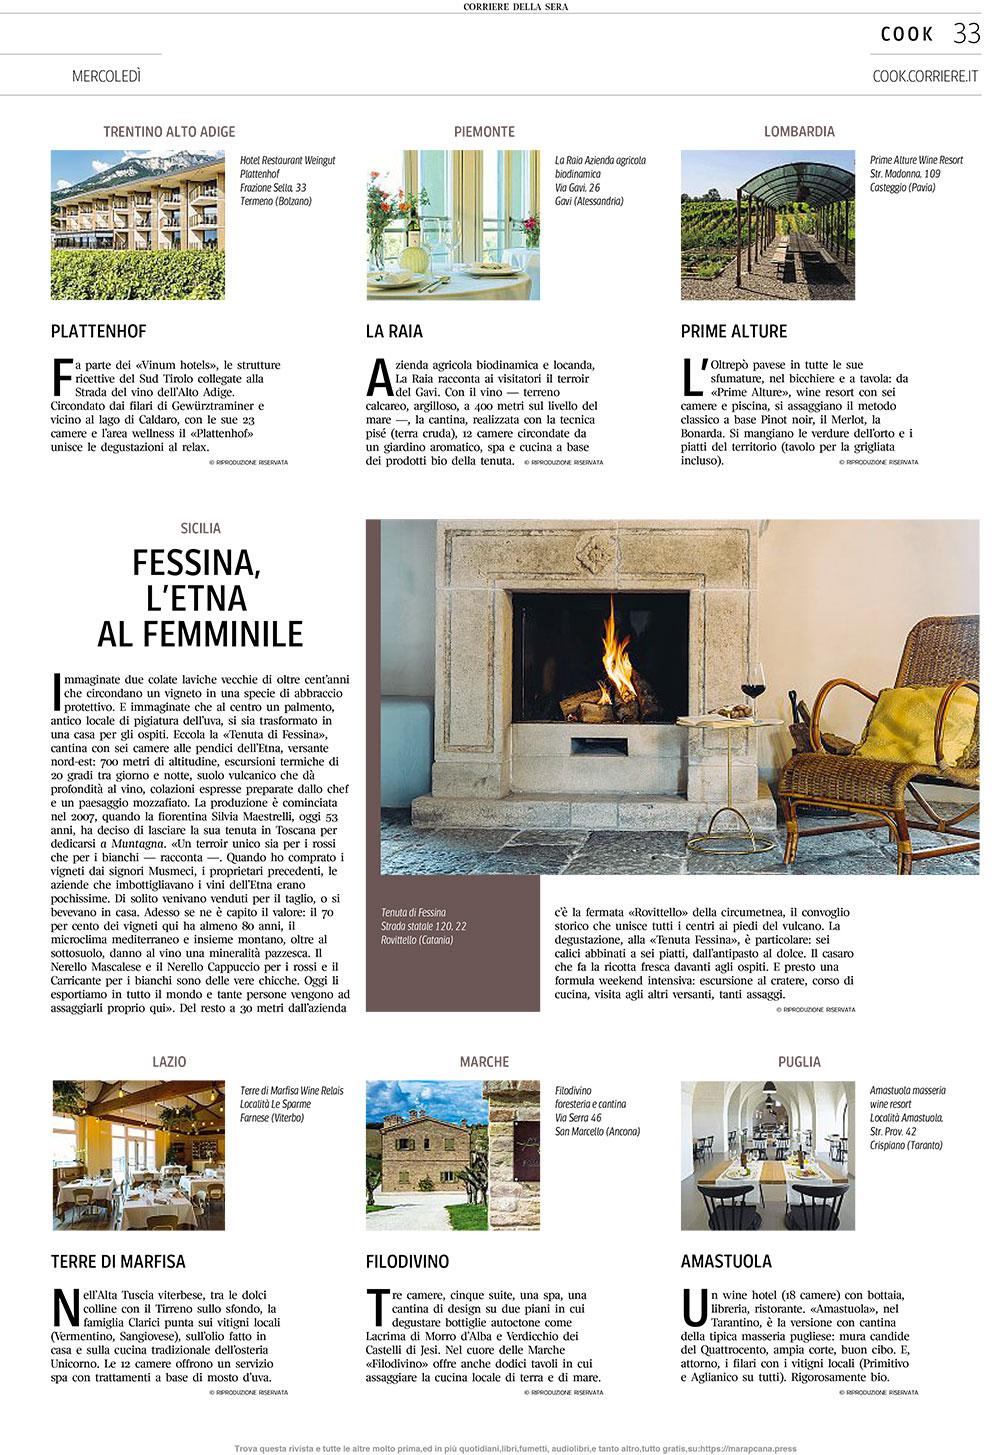 Corriere-della-Sera-Cook-N14-Novembre-2019-33